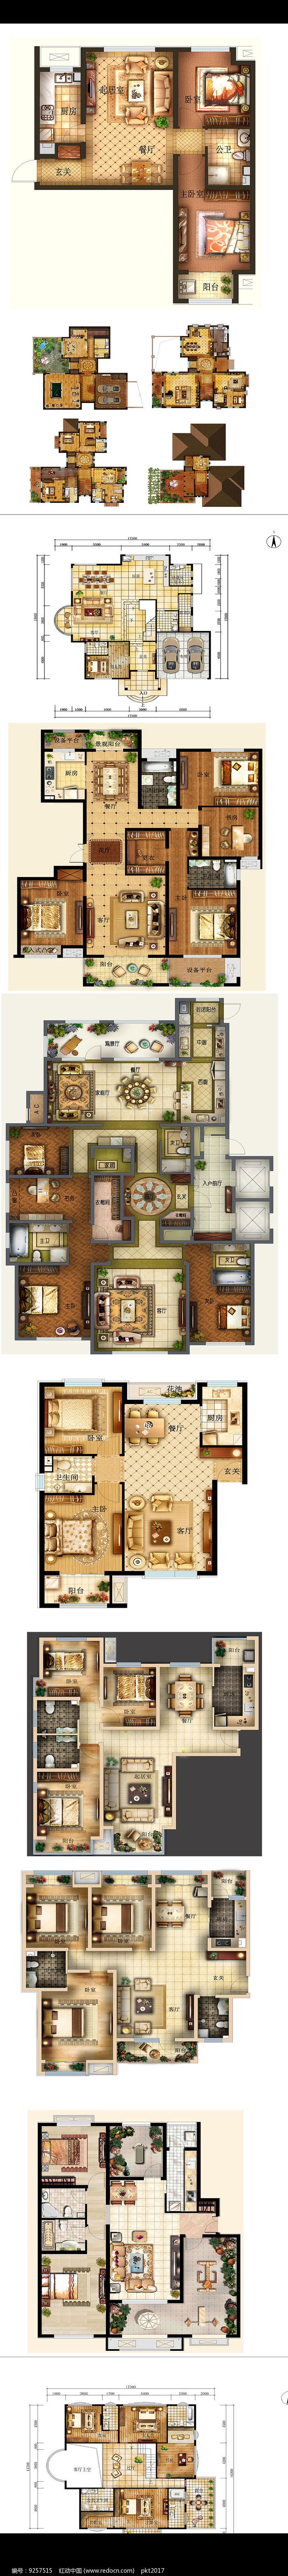 家居彩平户型布置图图片